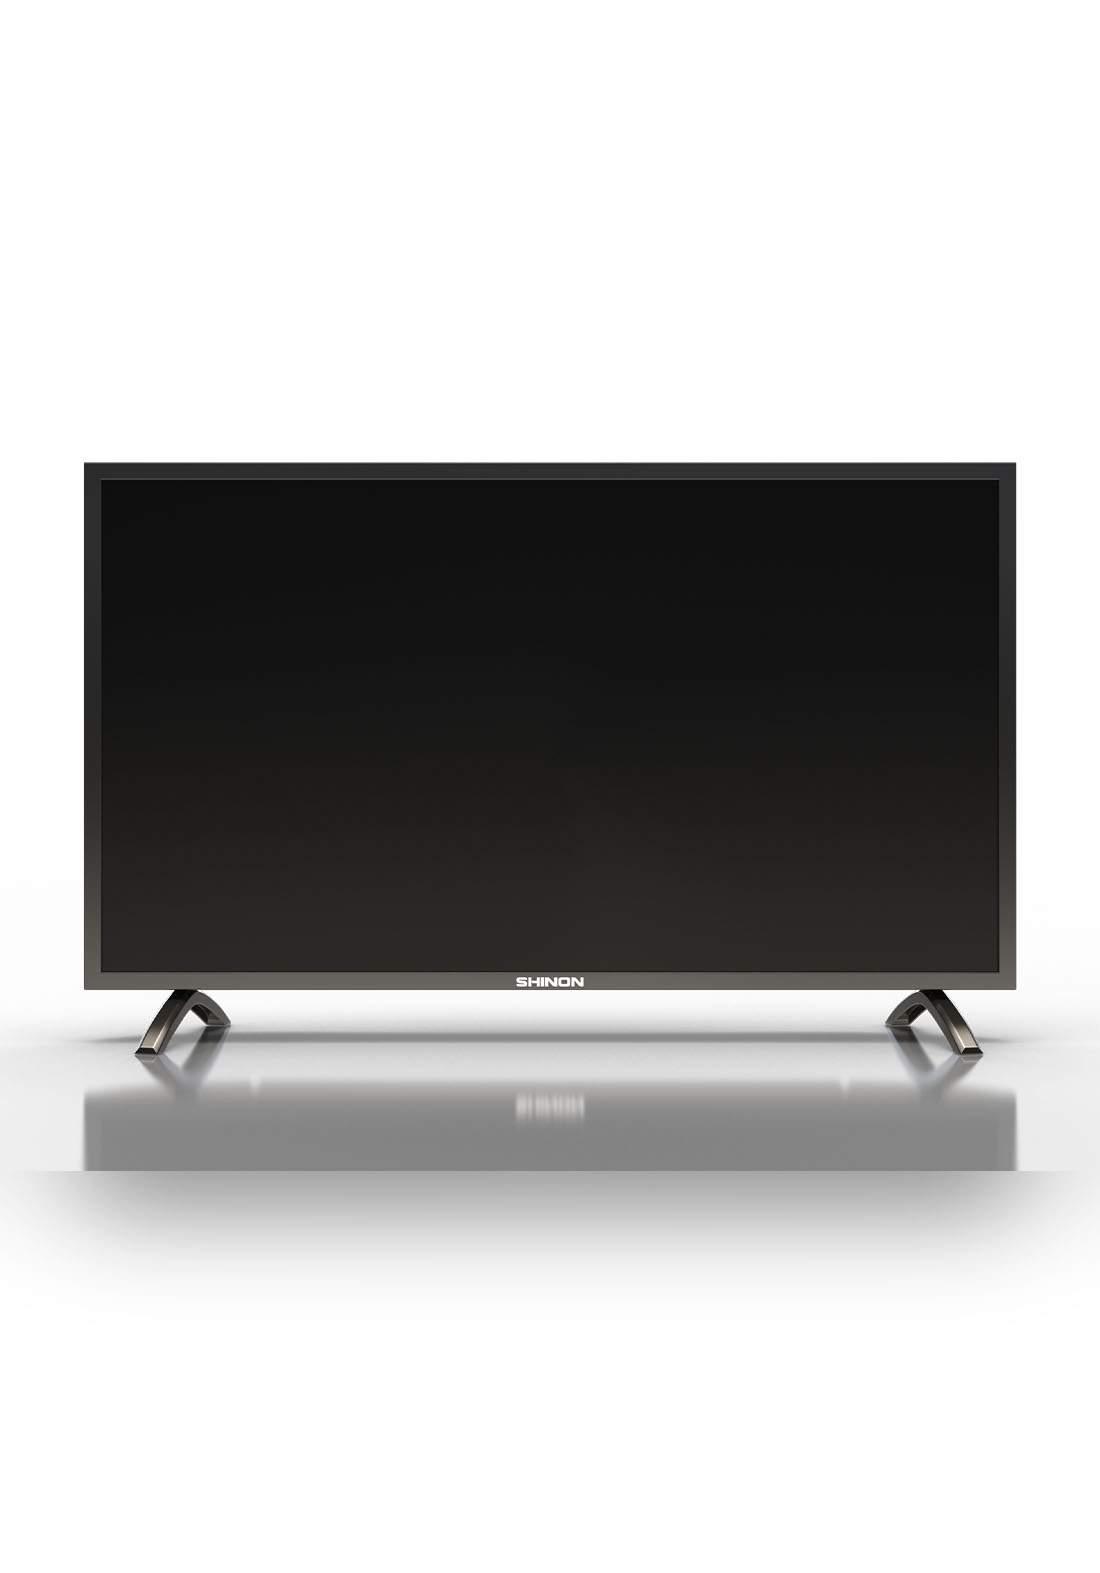 Shinon DM1100SM- HD SMART TV -LED43 شاشة